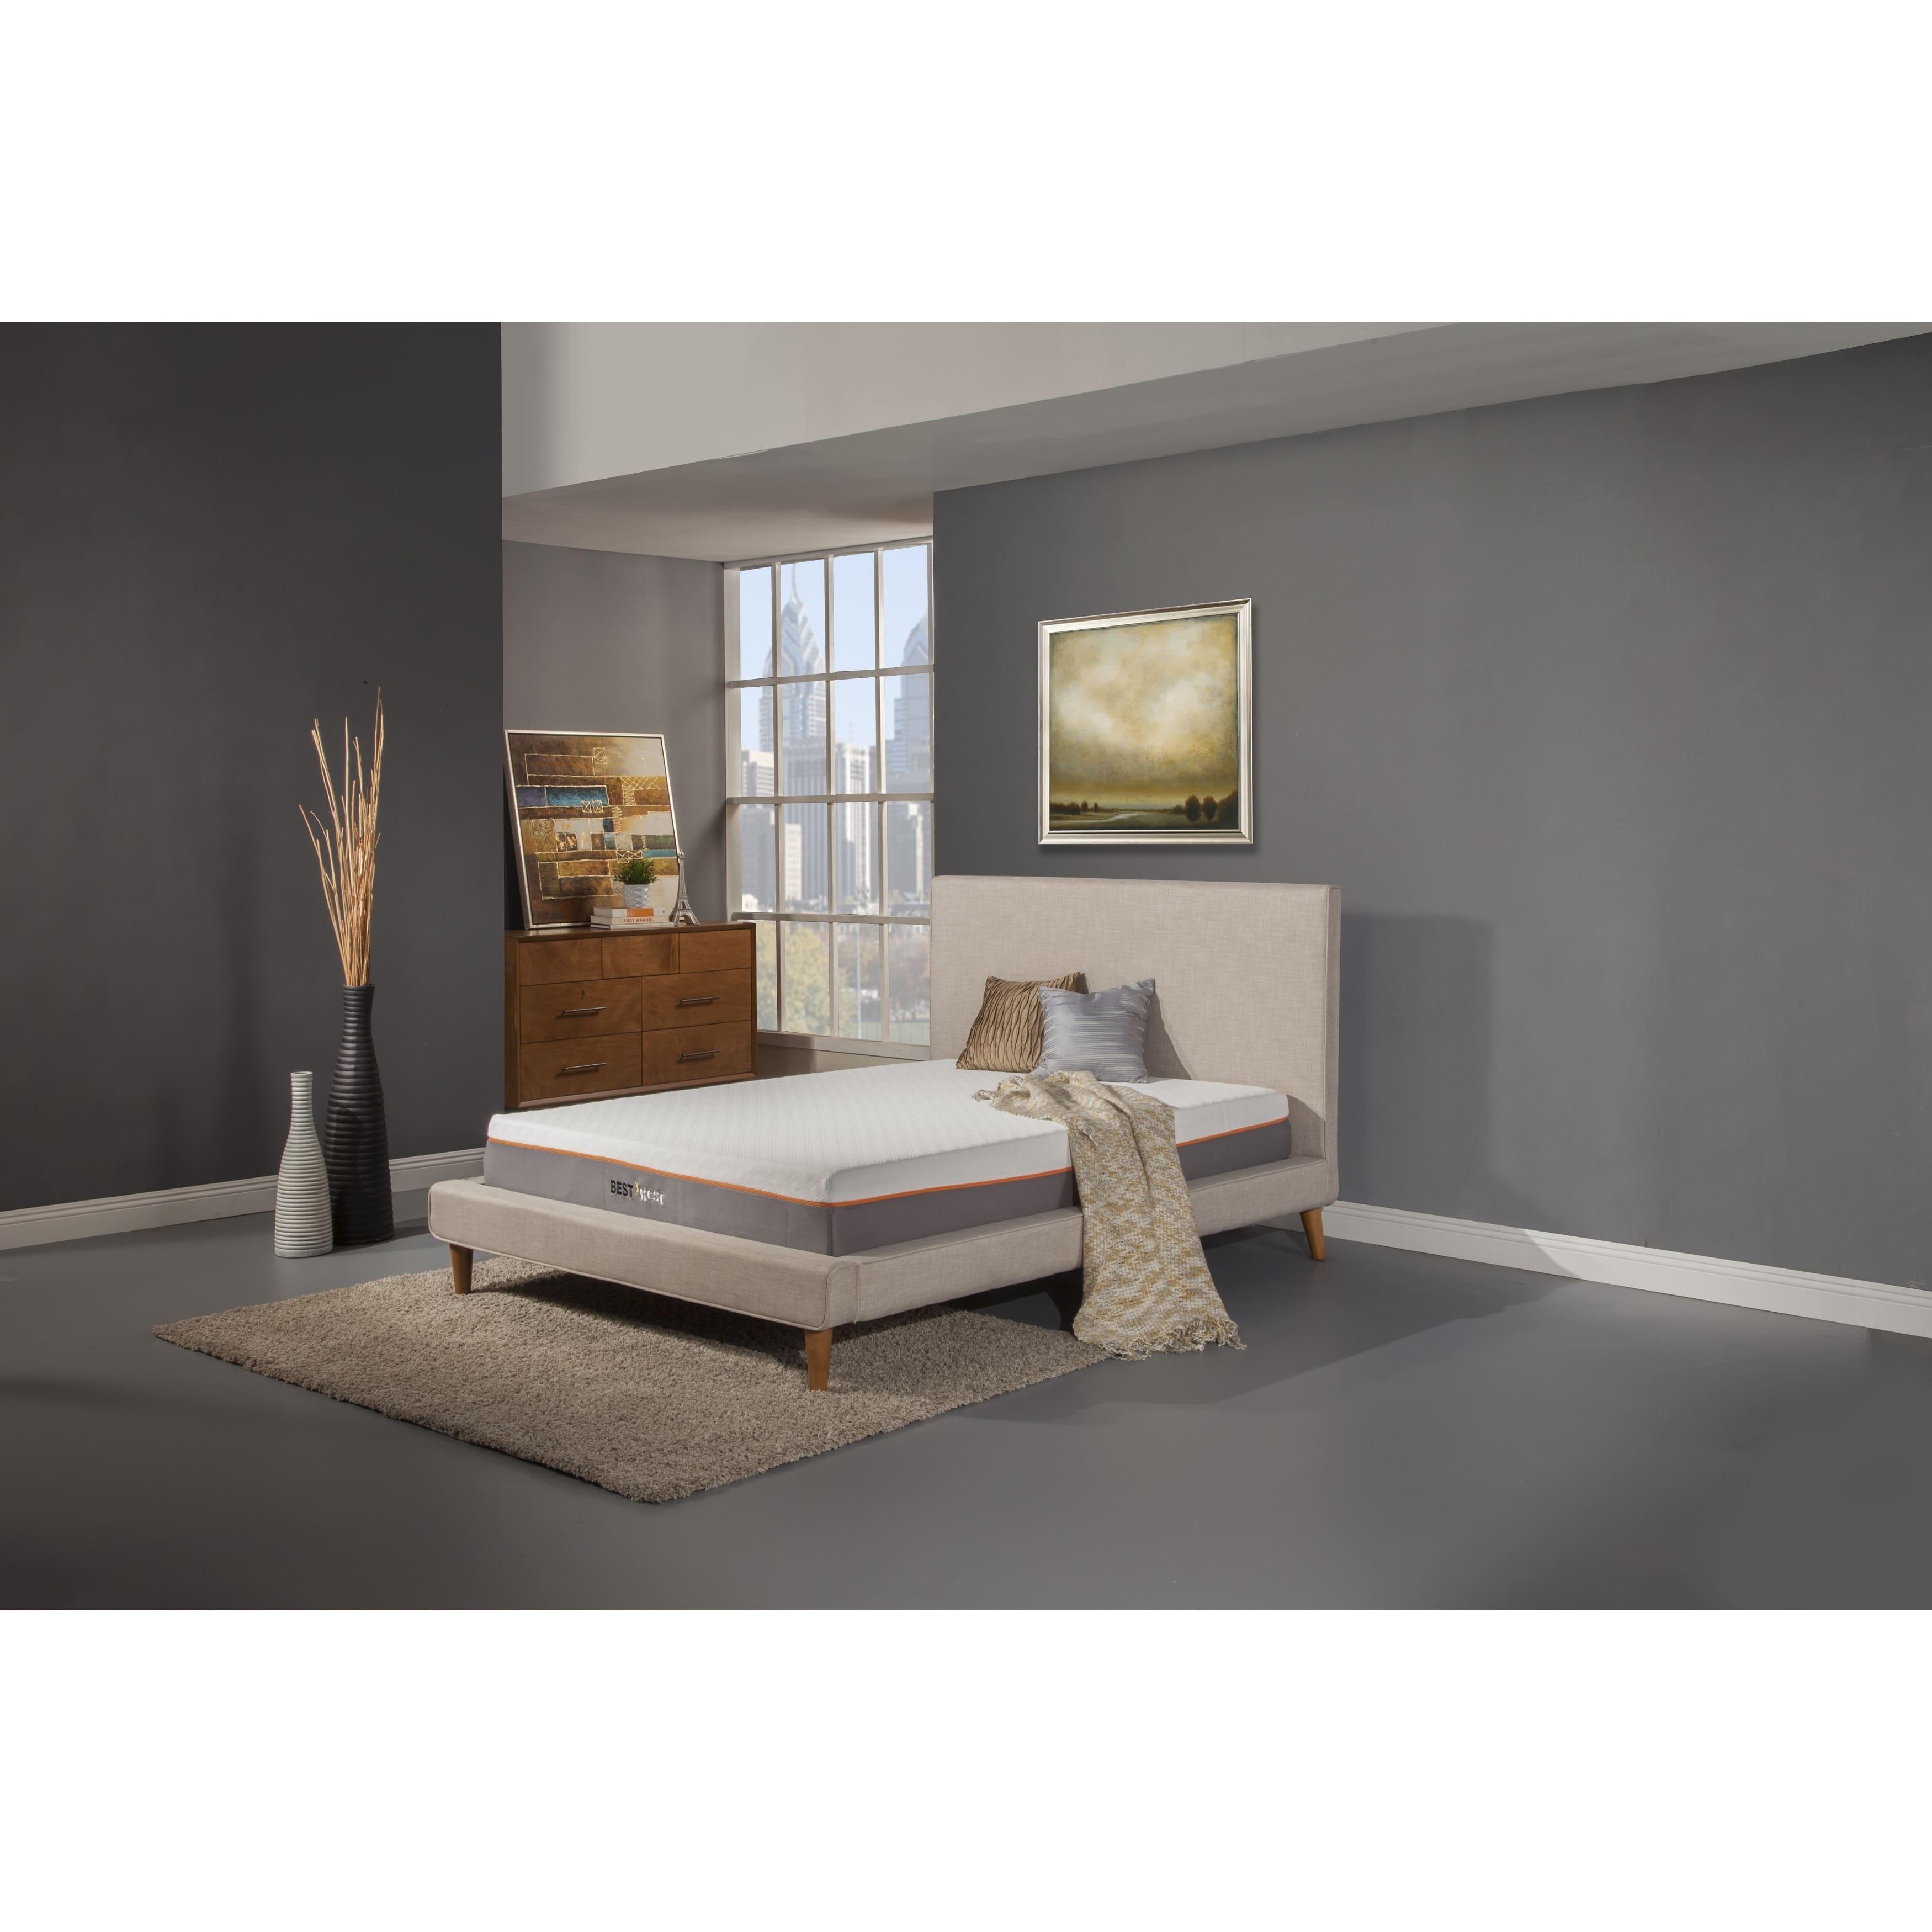 Kittrich Best Rest 9-inch Cal King-size Gel Memory Foam Mattress